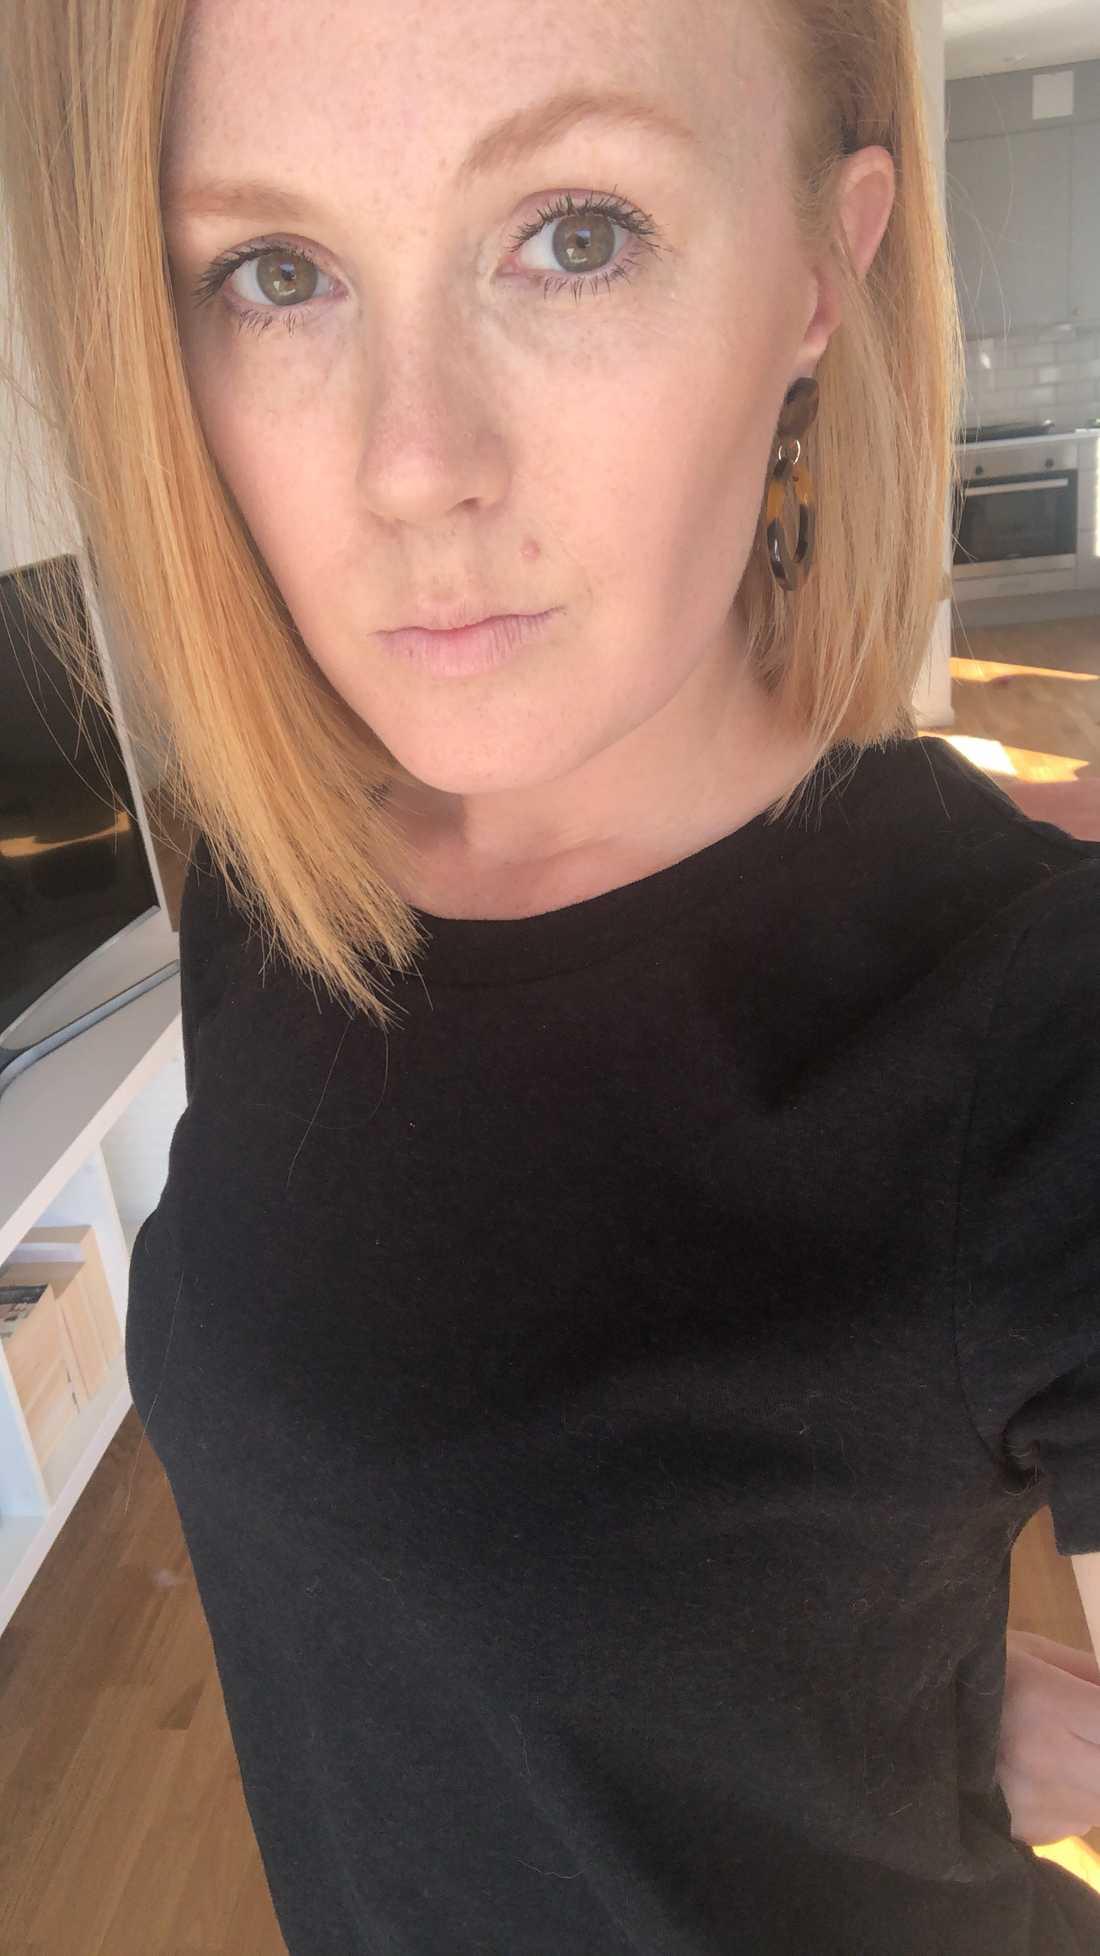 Mia Rosengren